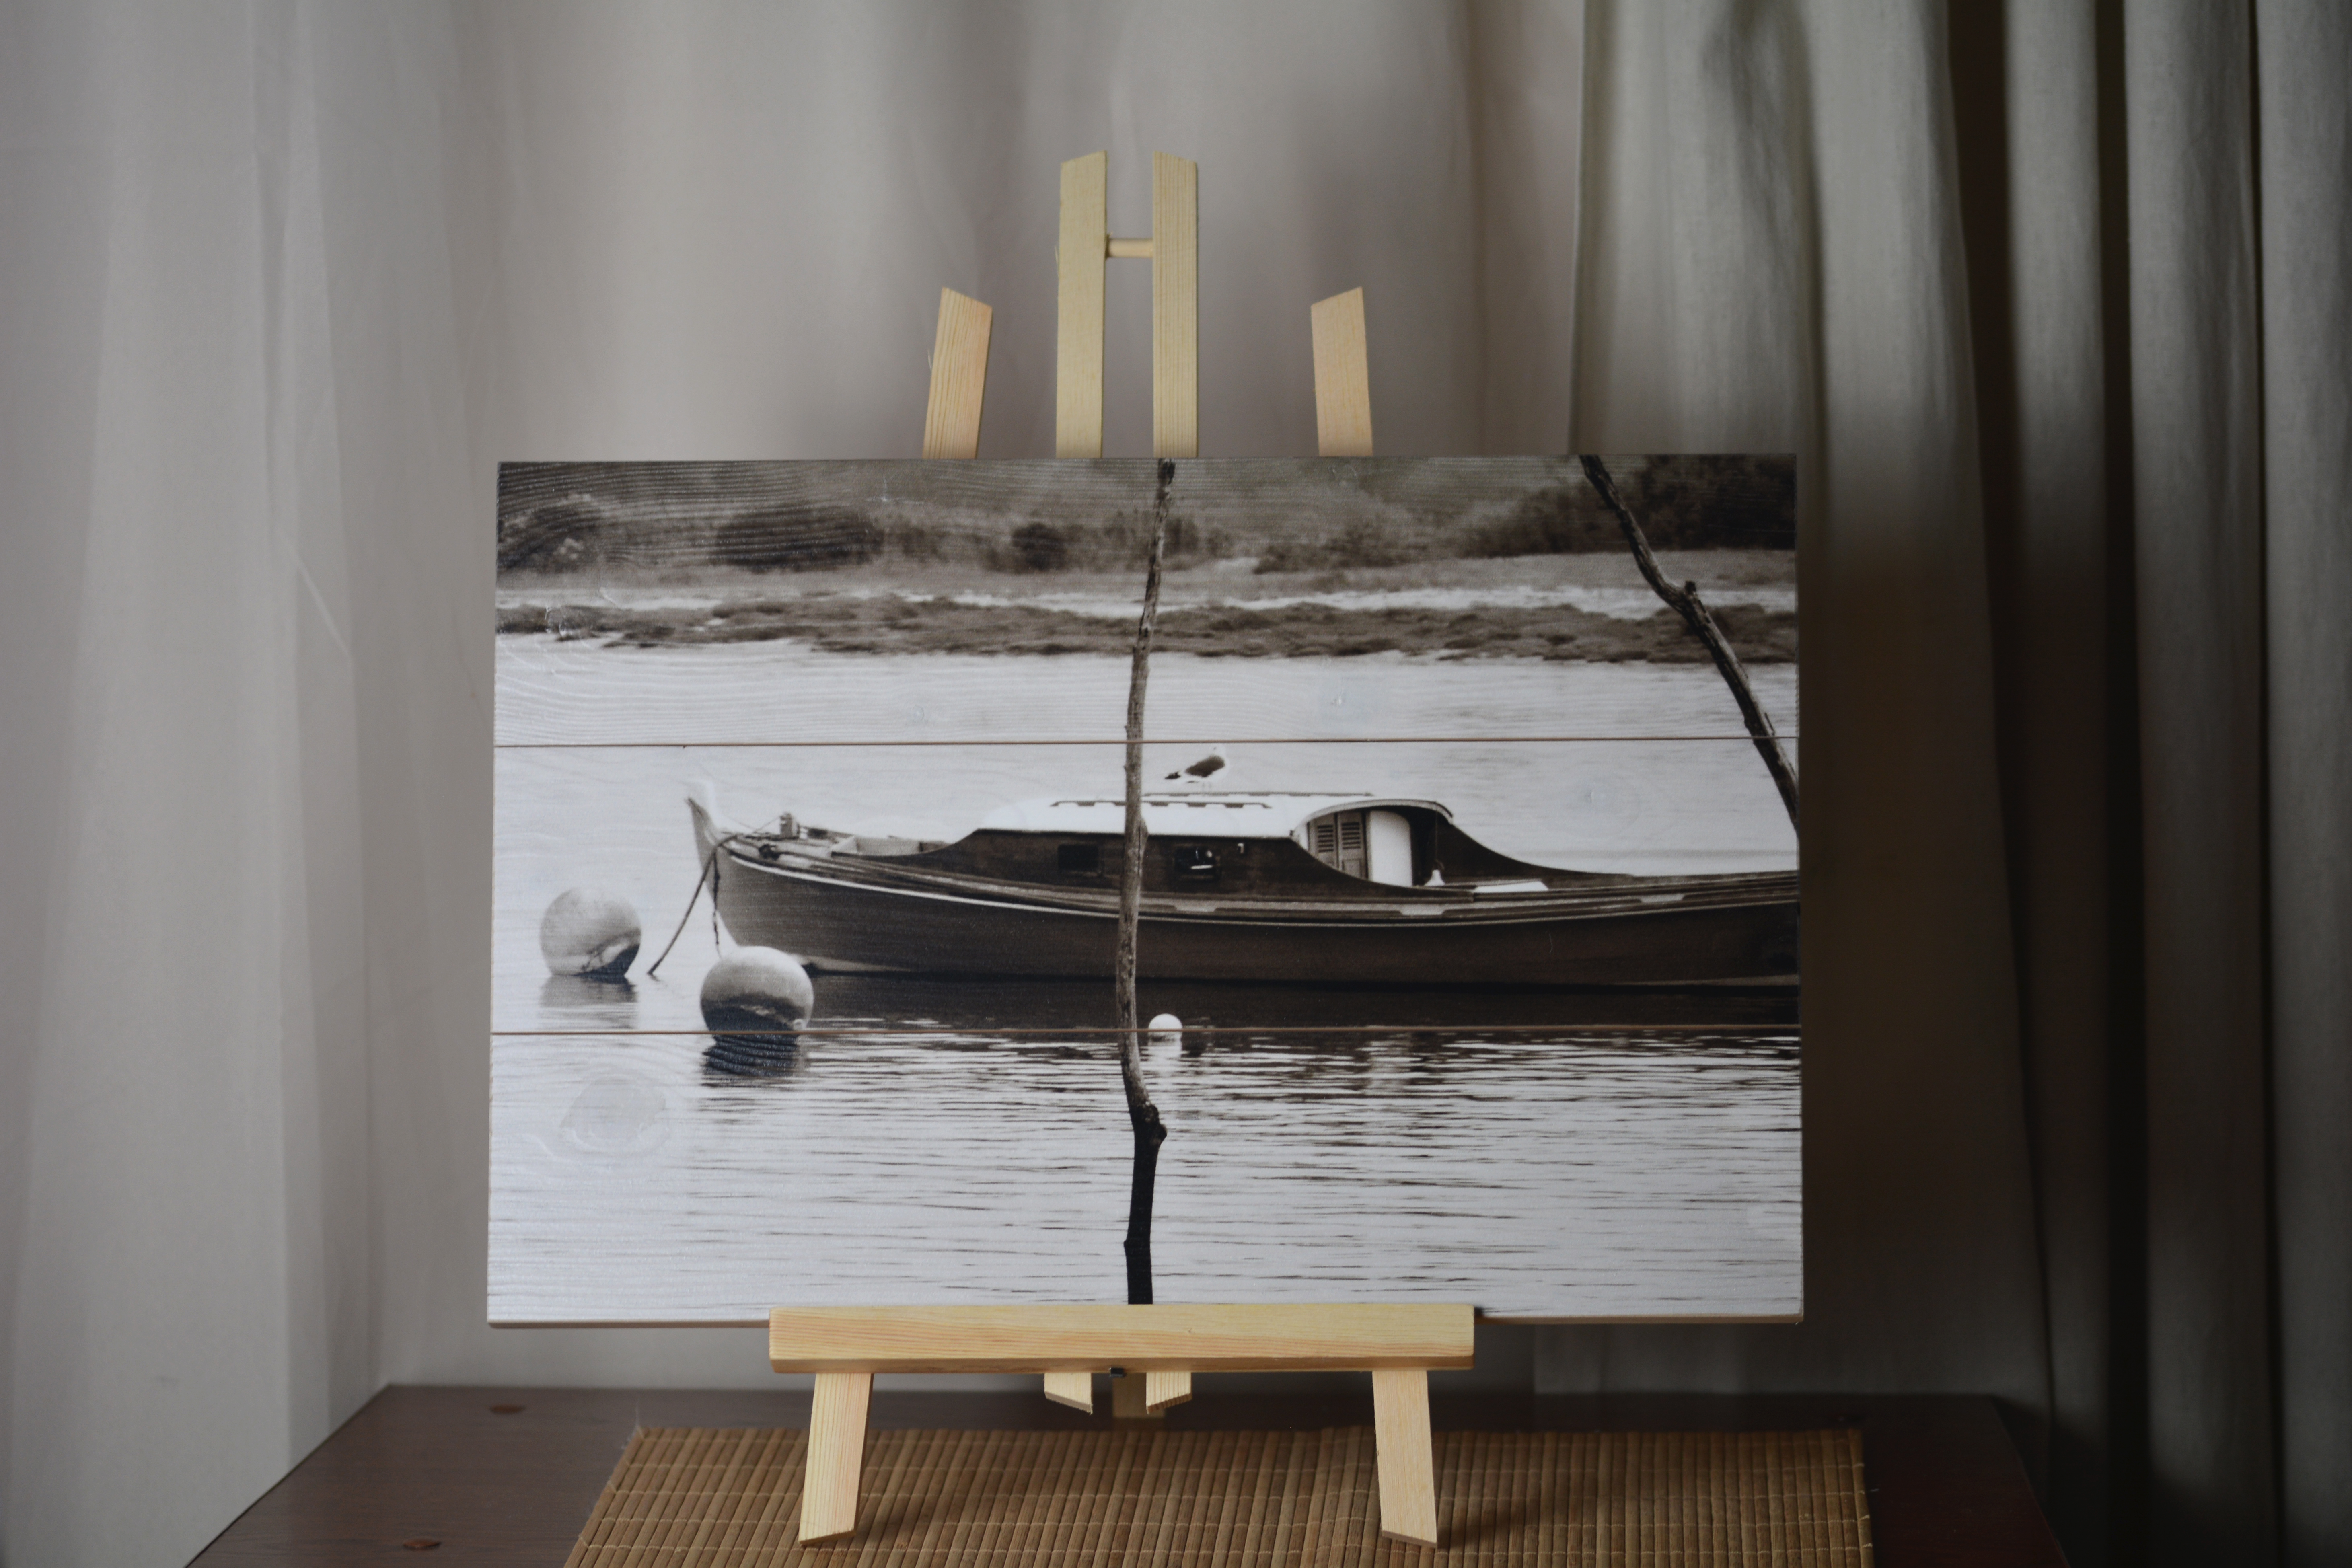 Impression sur bois (pin) avec attaches